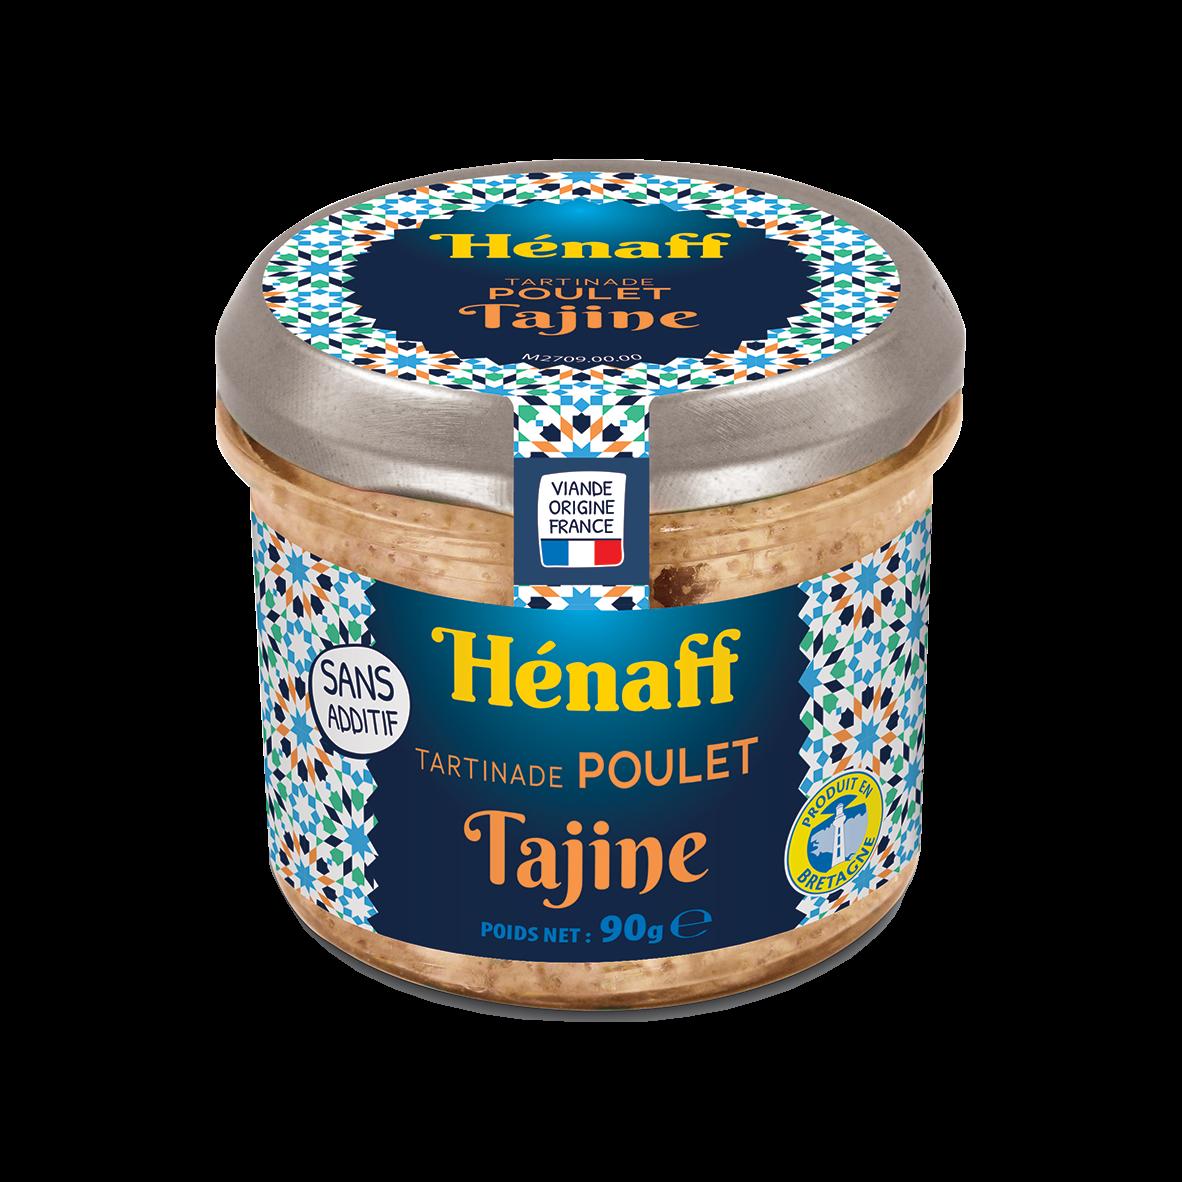 Tajine – Poultry Spread